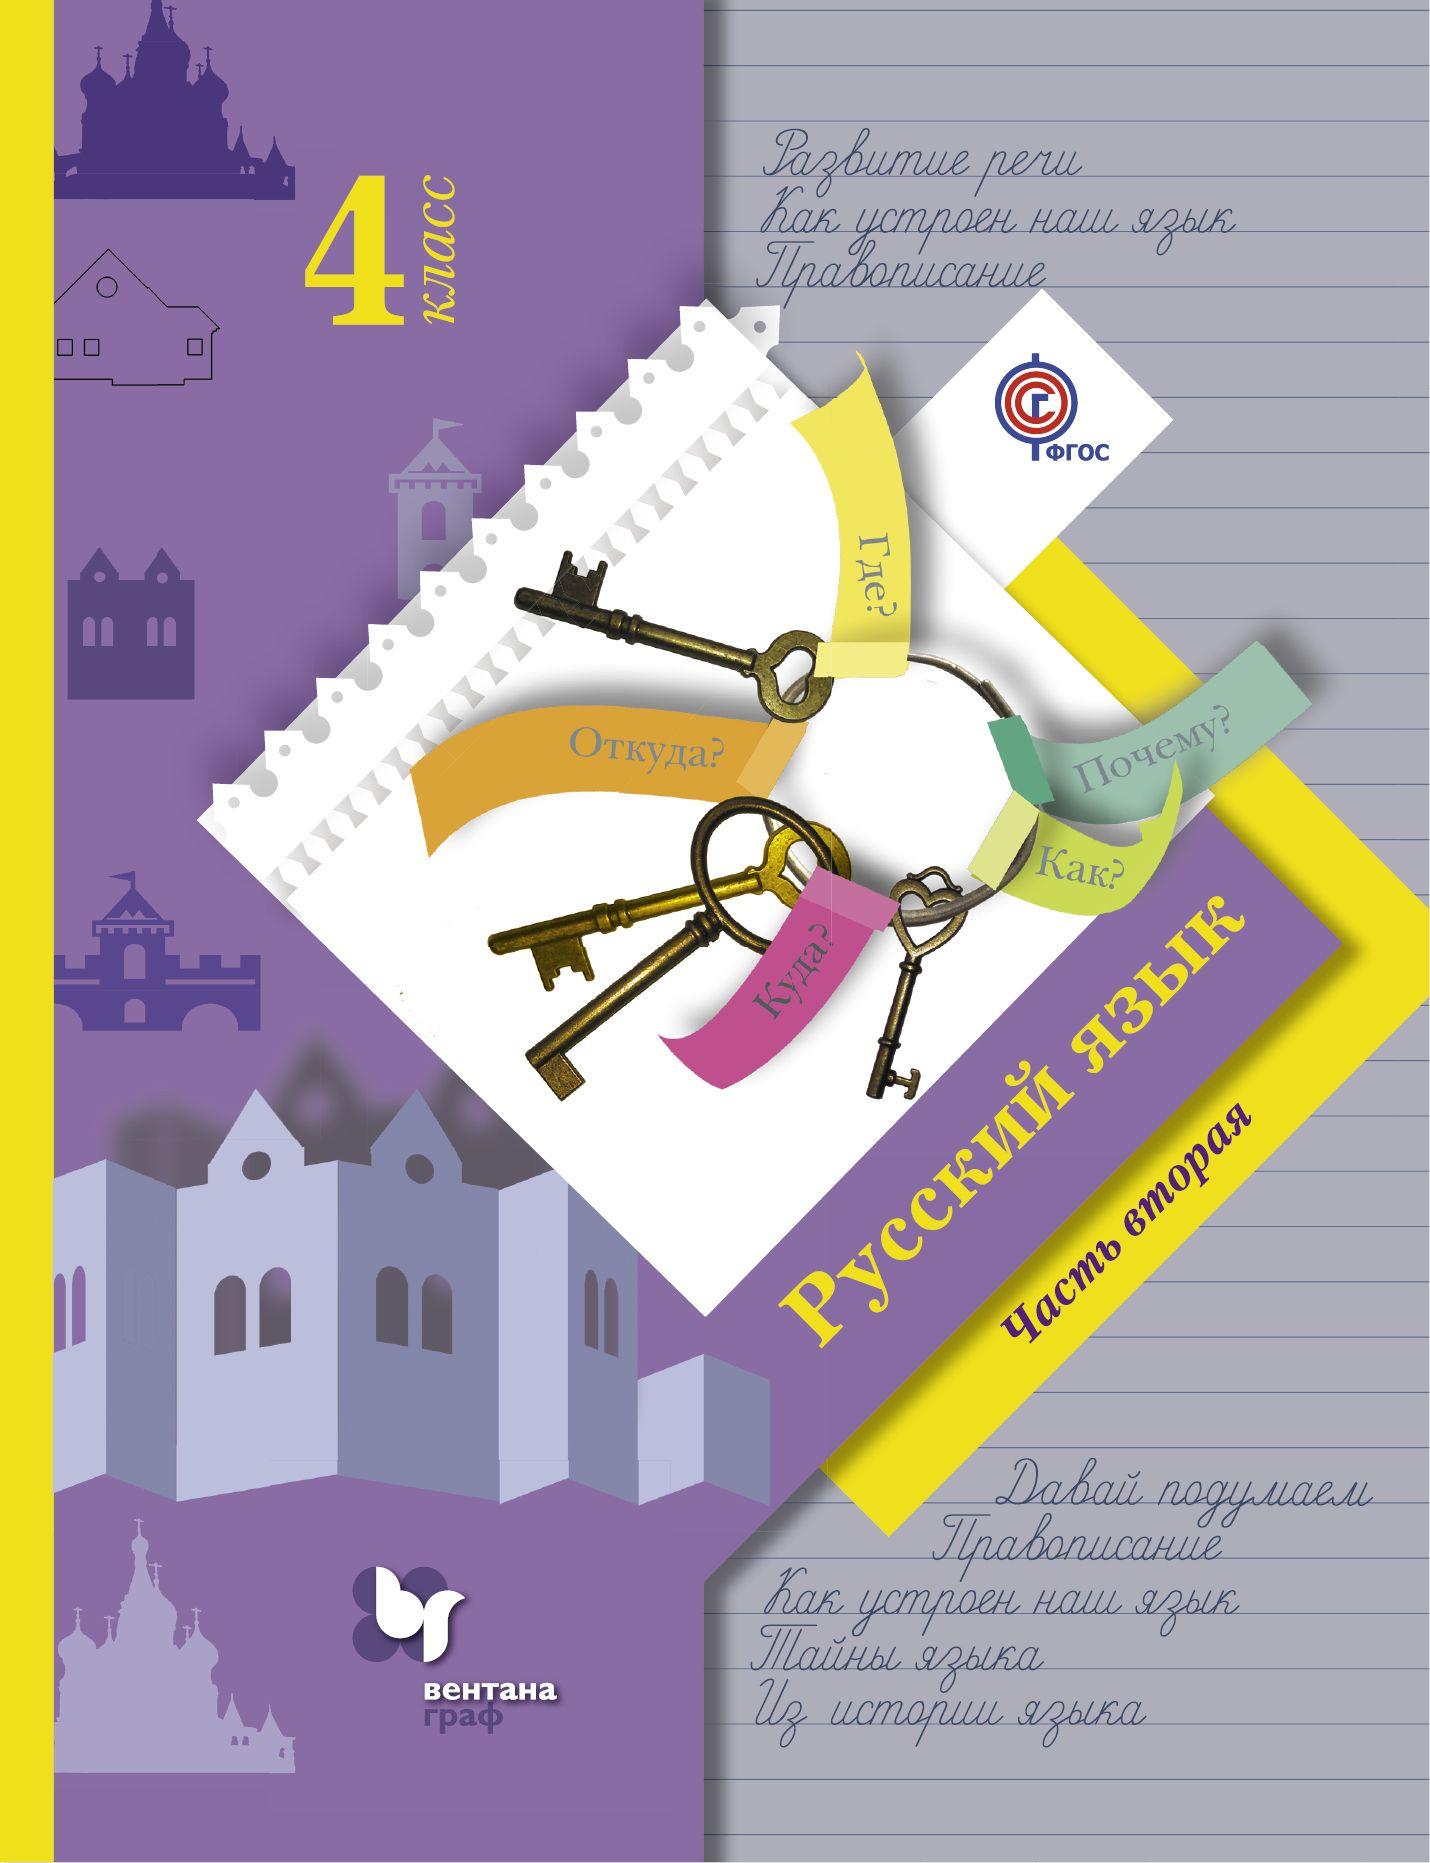 Решебник к сборнику по химии 10 класс хвалюк